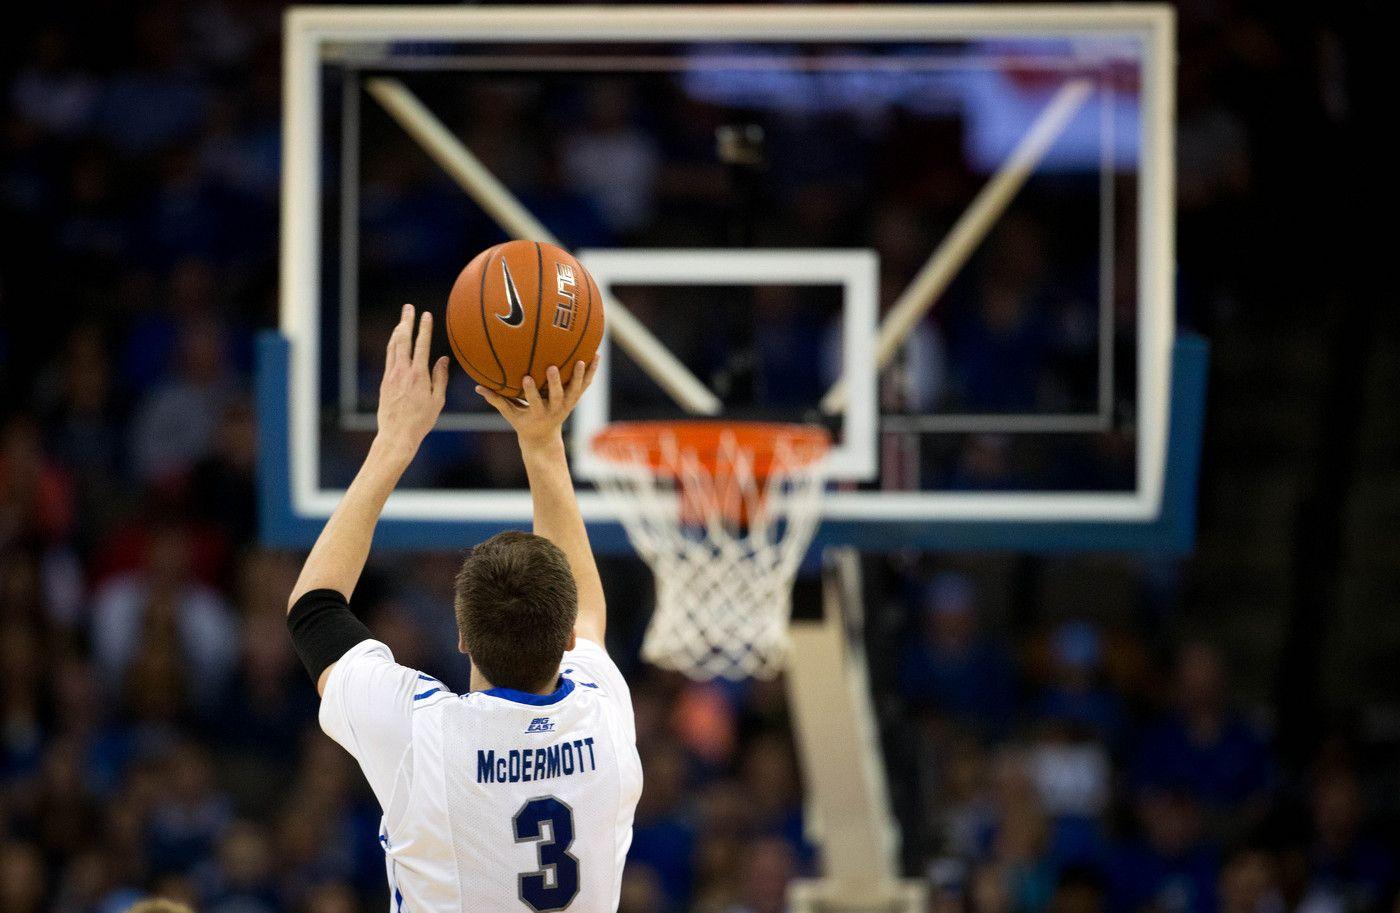 Creighton's Doug McDermott (3) take a threepoint shot